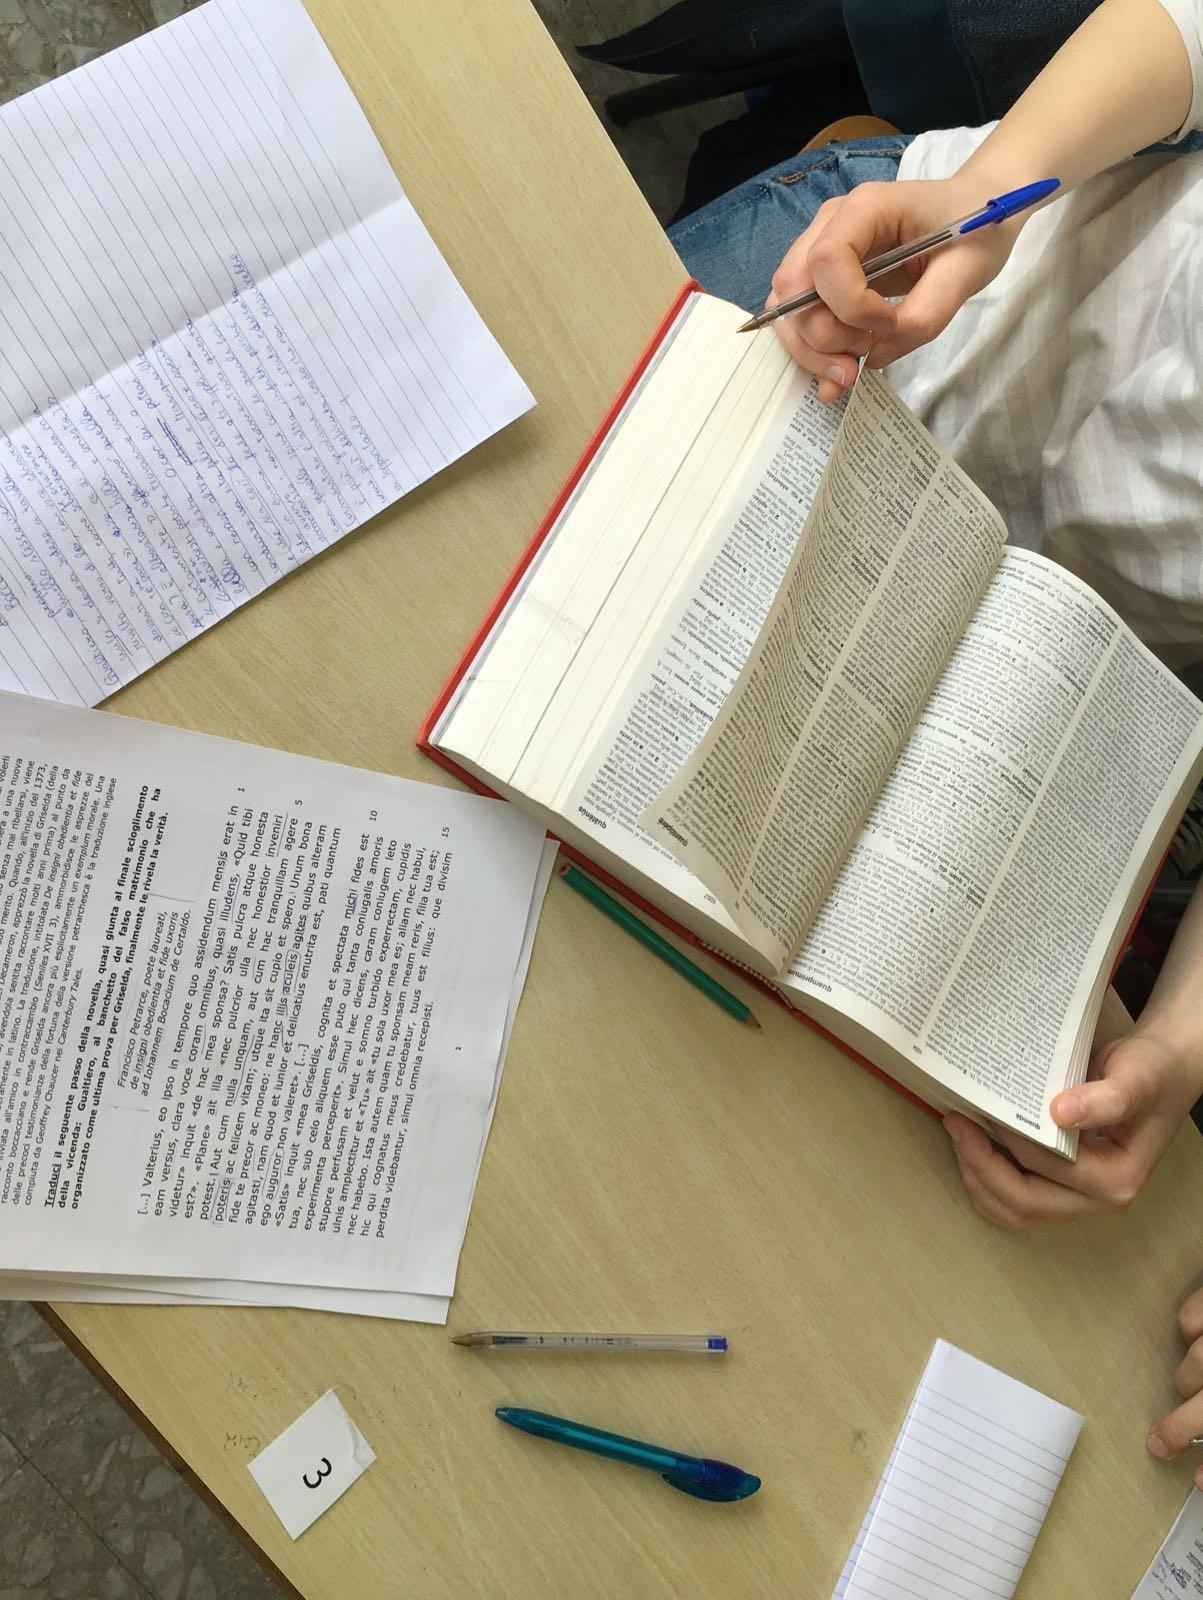 oltre cento studenti hanno deciso di partecipare e si sono cimentati nella traduzione di brani che hanno ridato vita all antica modernit del latino